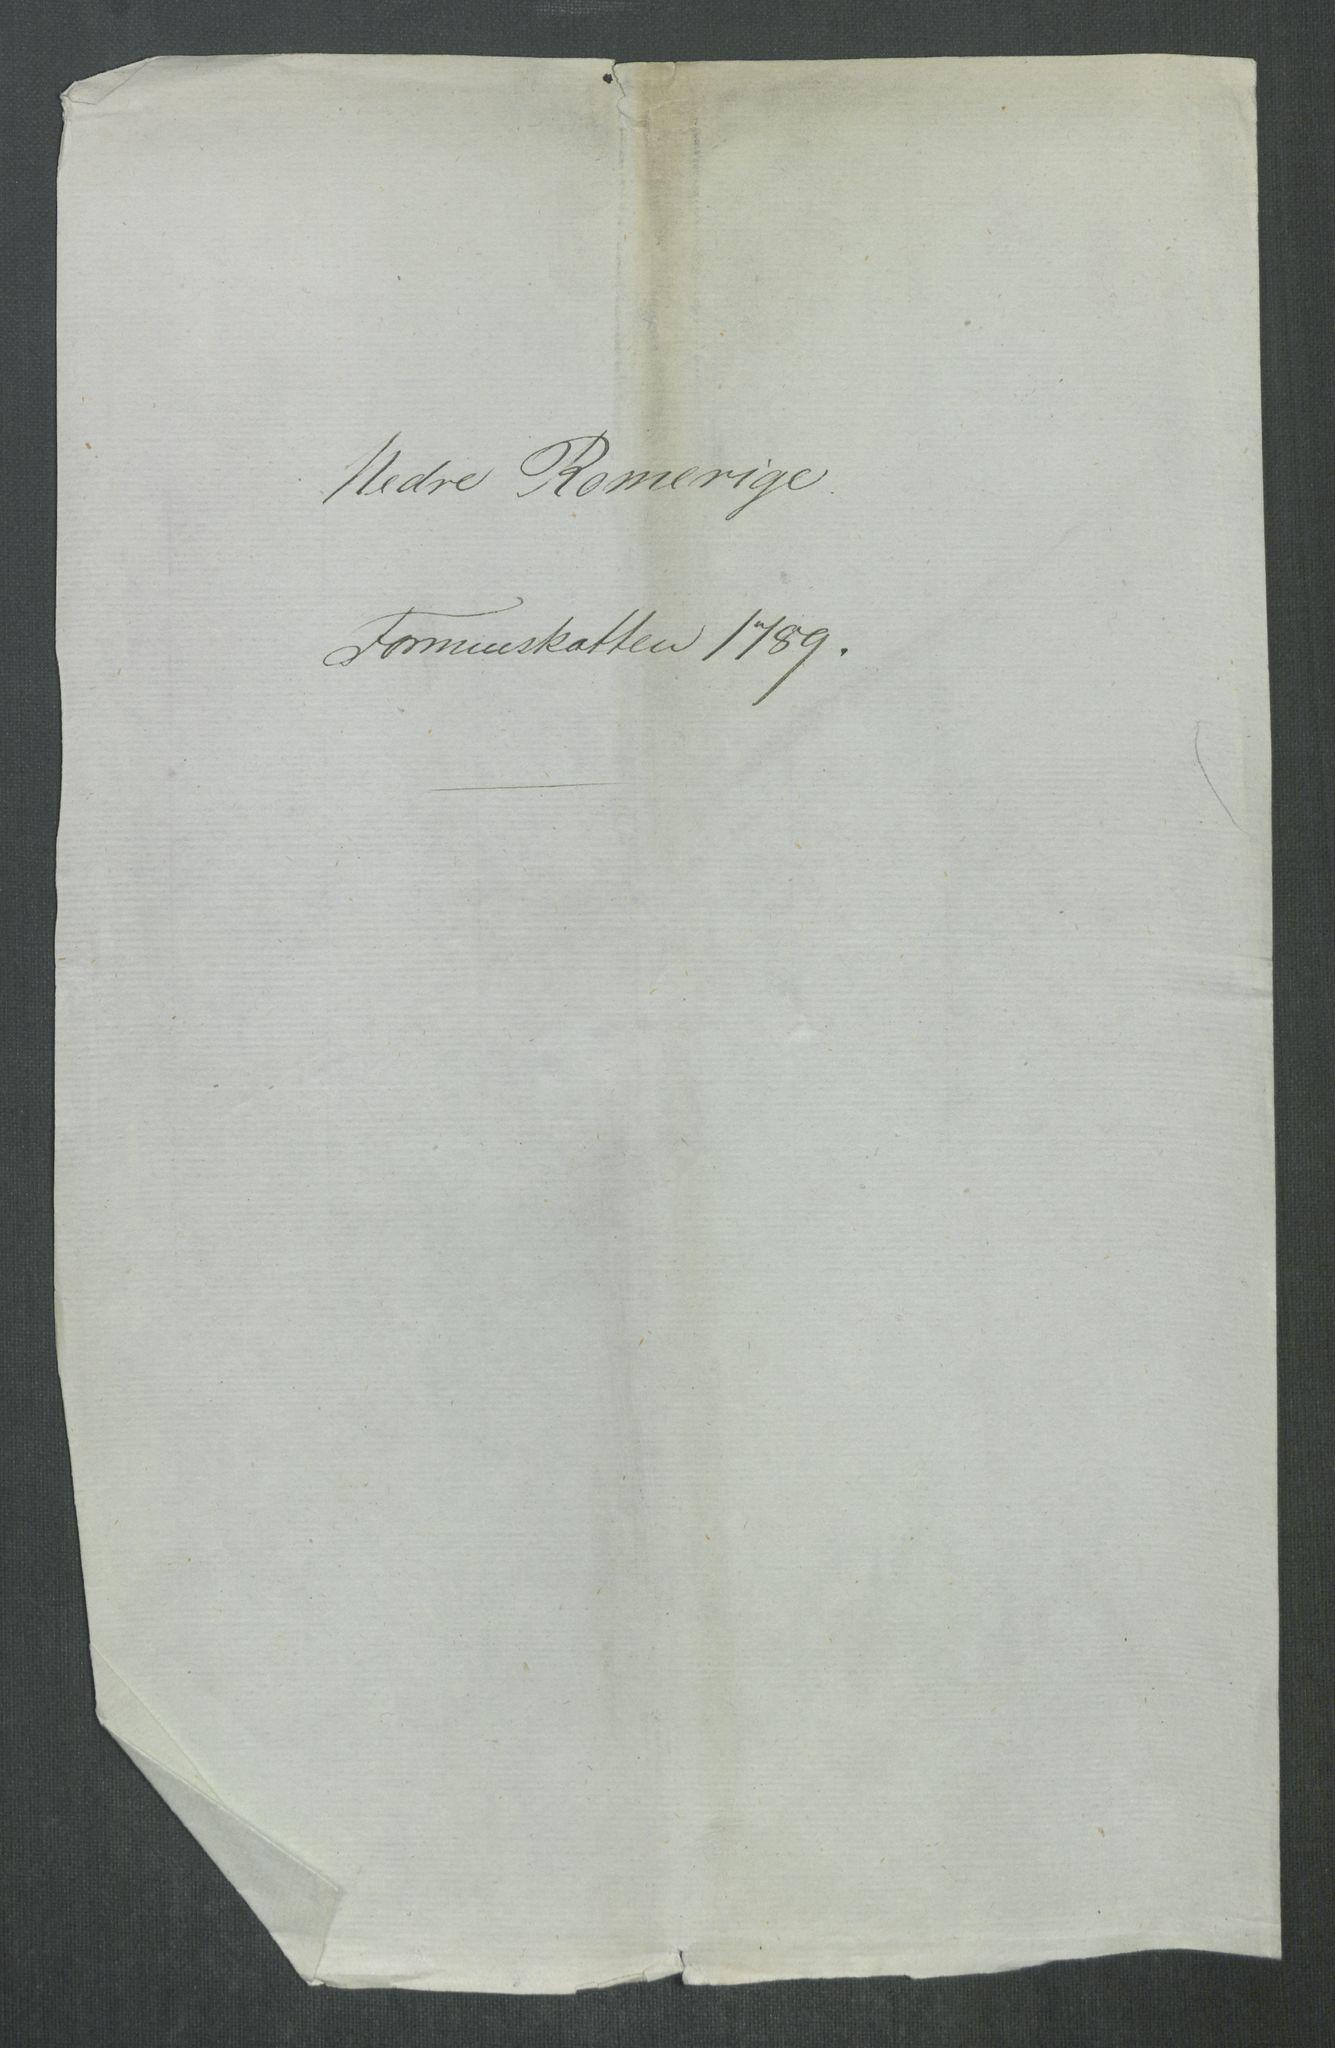 RA, Rentekammeret inntil 1814, Reviderte regnskaper, Mindre regnskaper, Rf/Rfe/L0028: Nedre Romerike fogderi. Nedre Telemark og Bamle fogderi, Nordhordland og Voss fogderi, 1789, s. 3